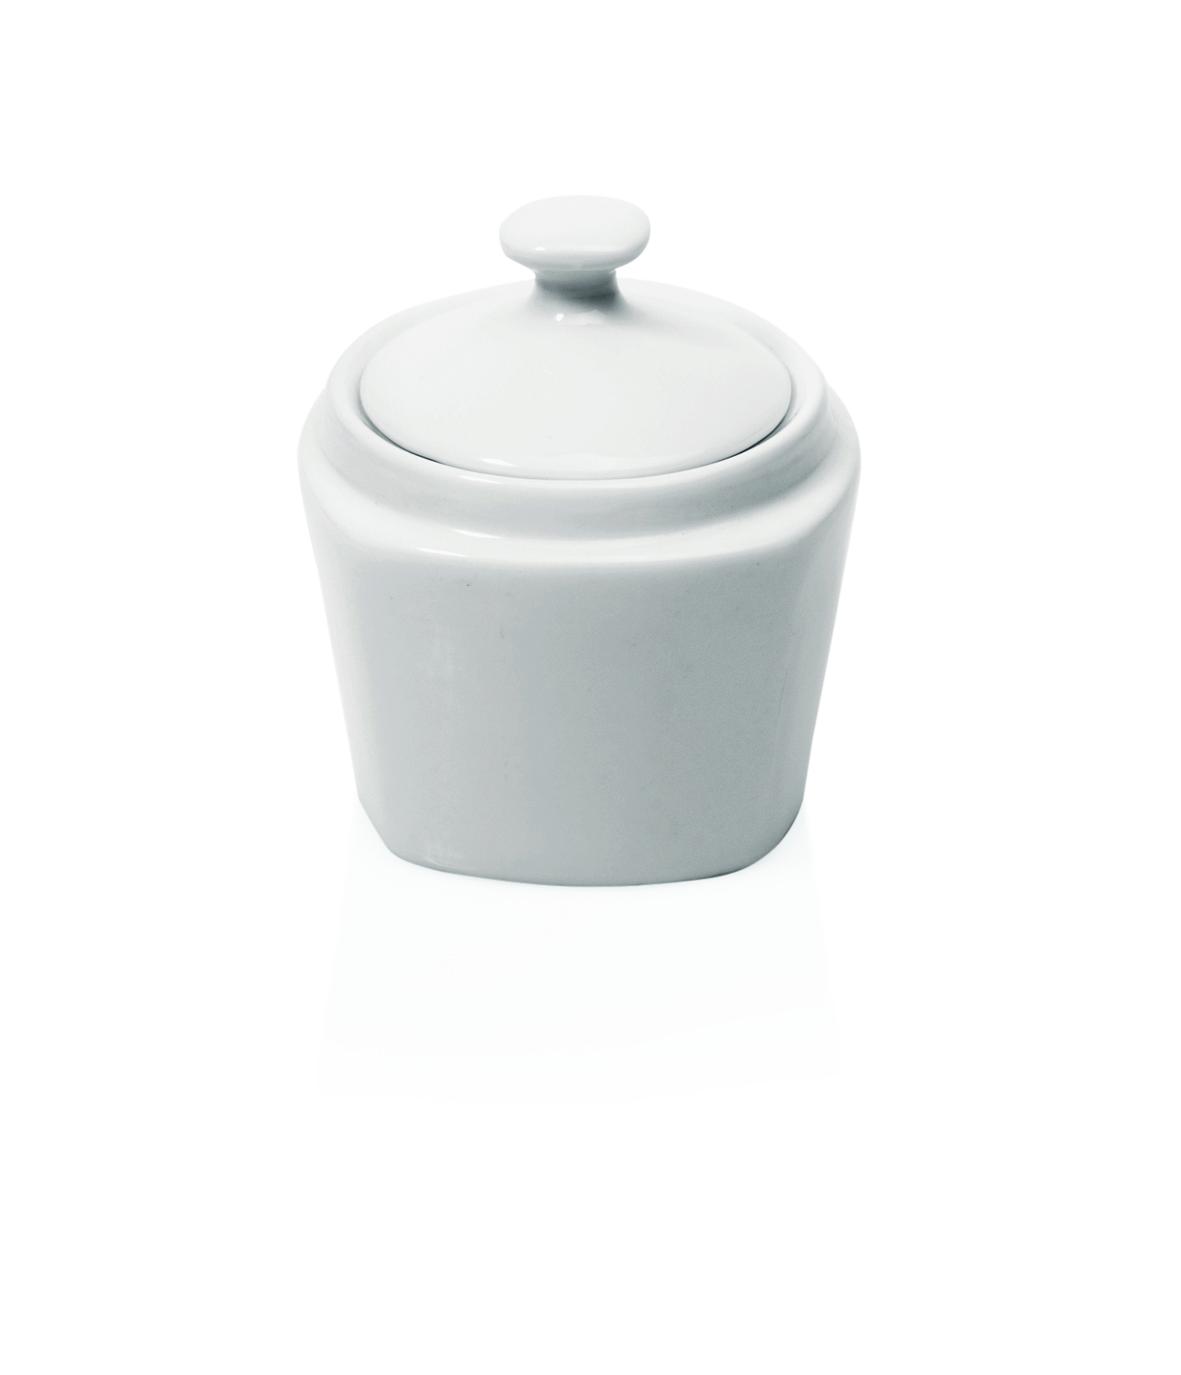 Zuckerdose 0,3L mit Deckel